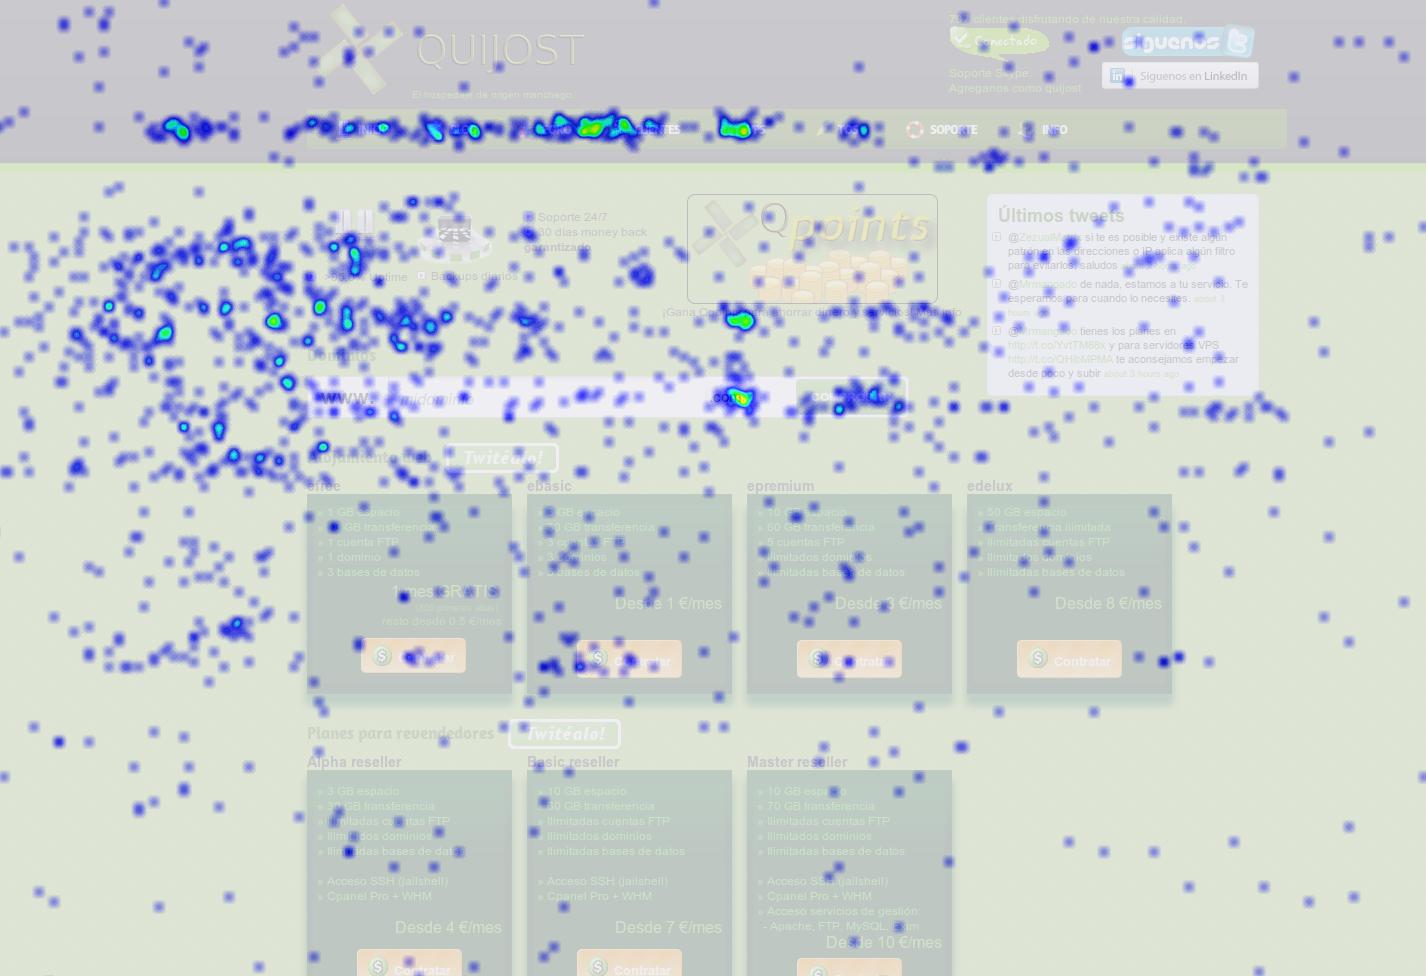 Mapa de calor de clicks Quijost